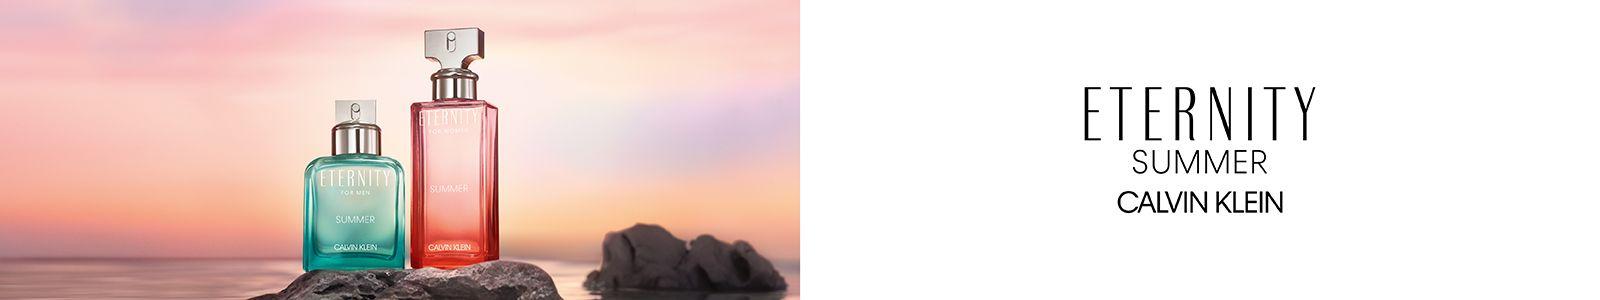 Eternity Summer, Calvin Klein